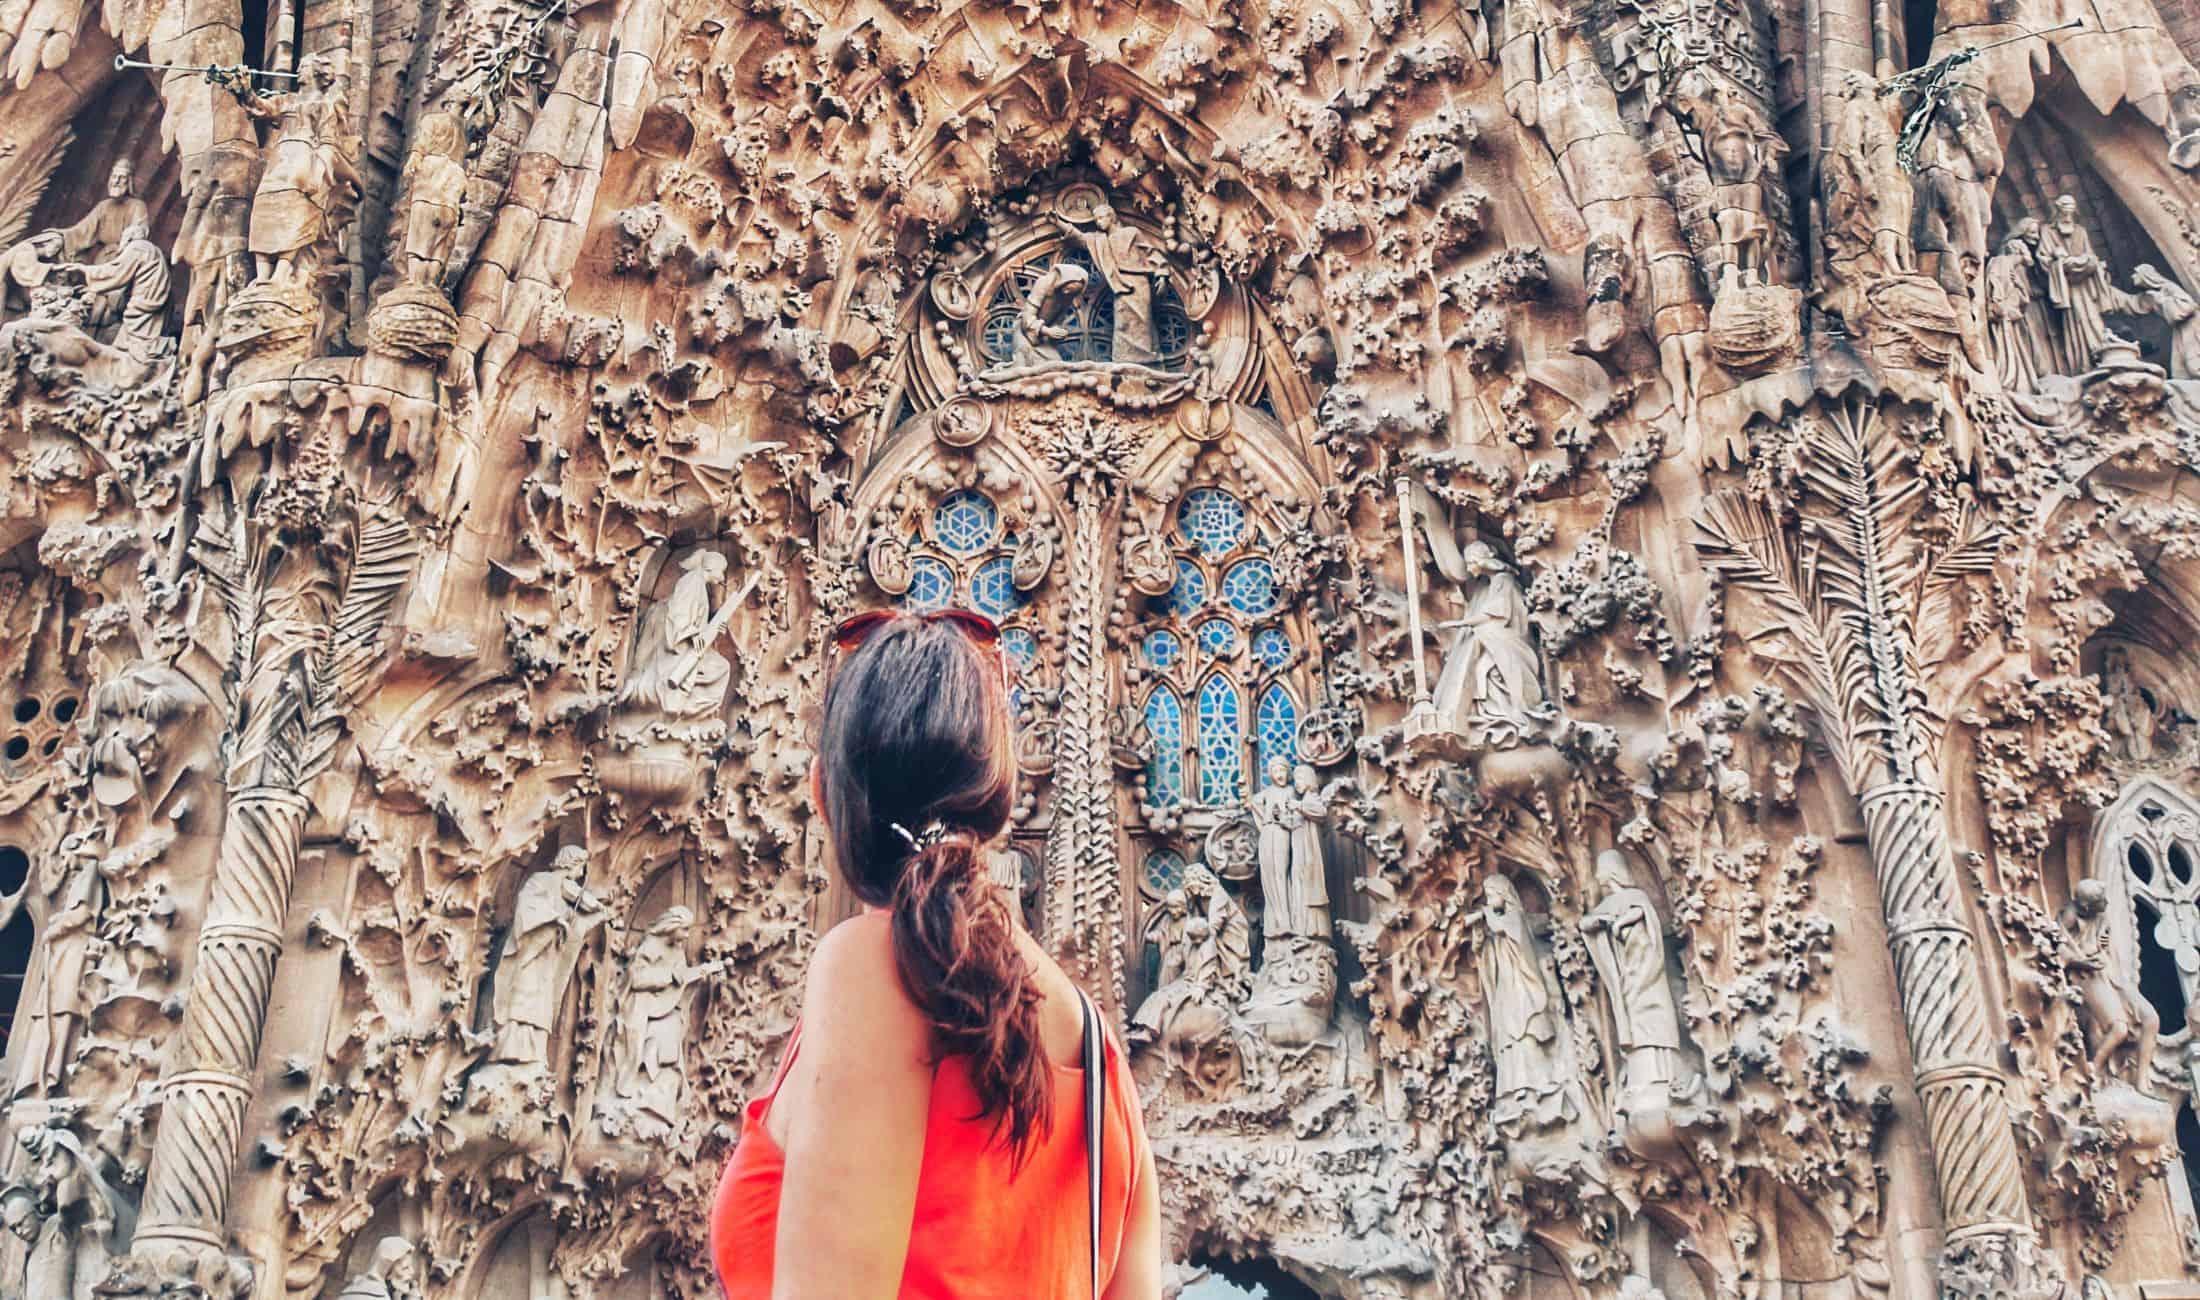 Un giorno a Barcellona sulle tracce di Gaudí: itinerario e tappe principali